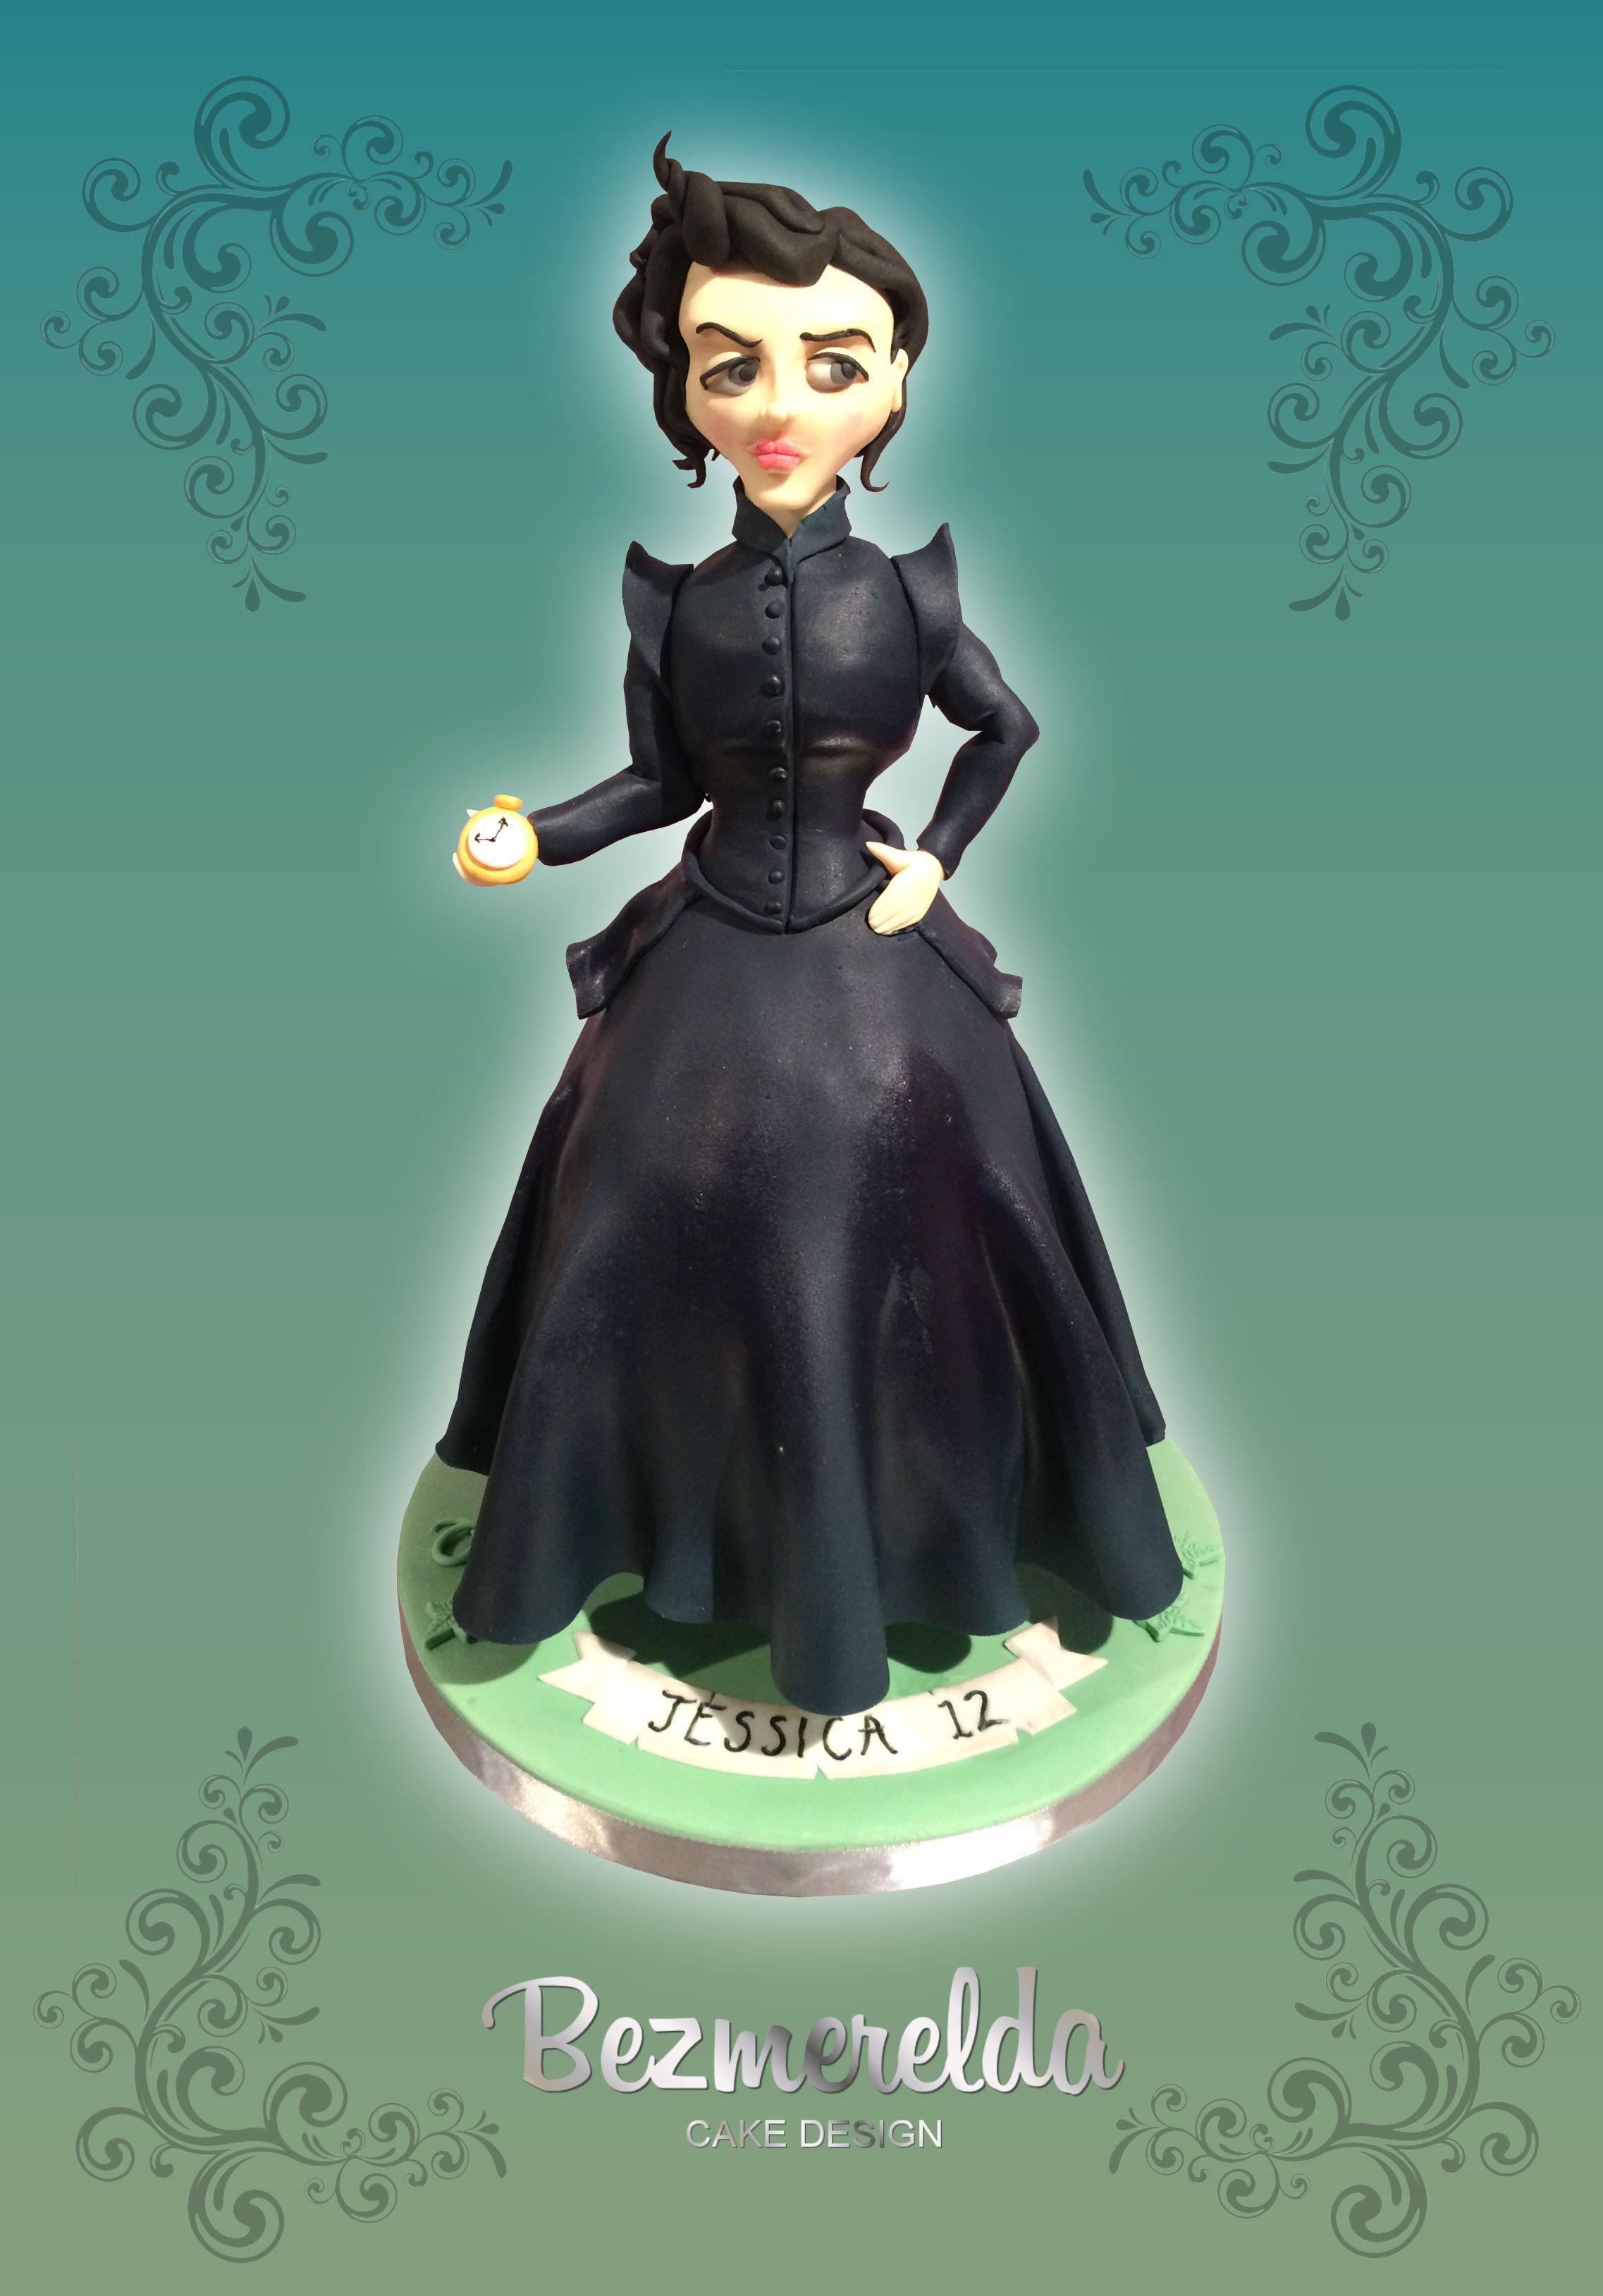 Miss Peregrine cake - Made by Bezmerelda